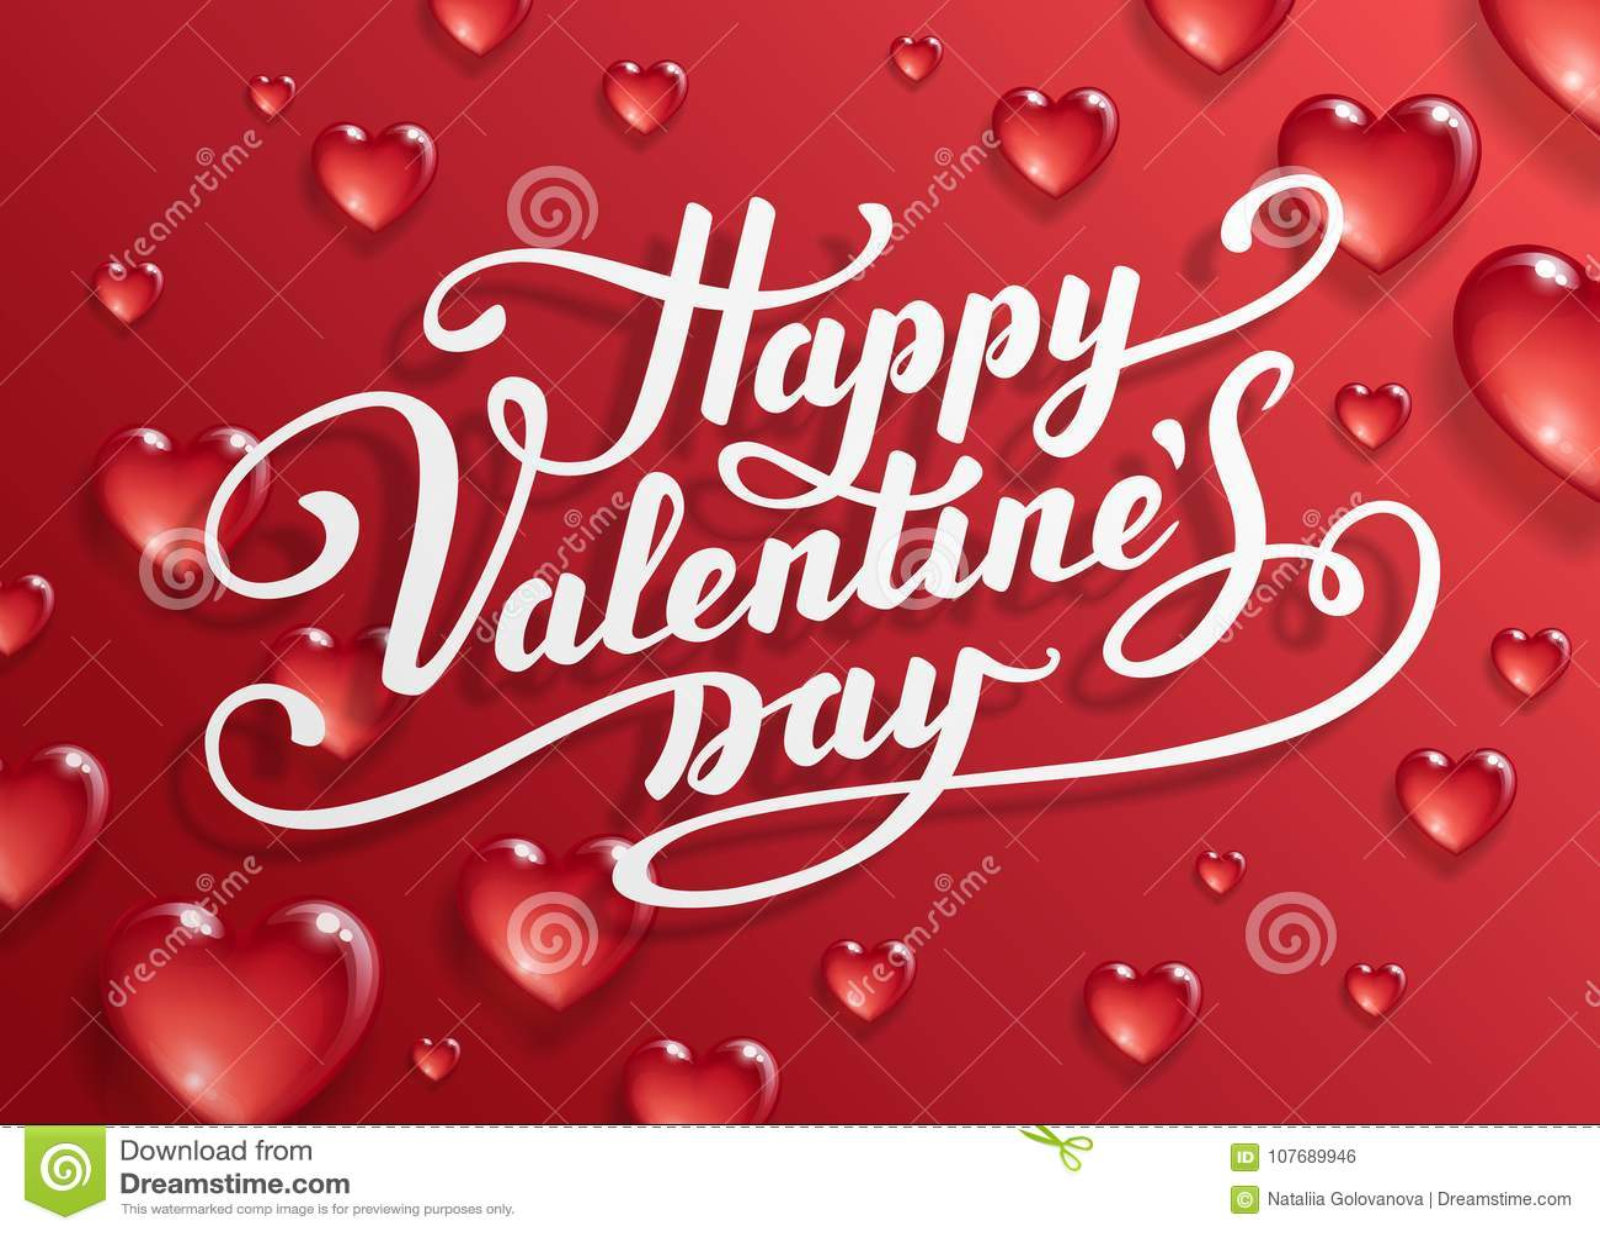 Happy Valentine`s Day text.